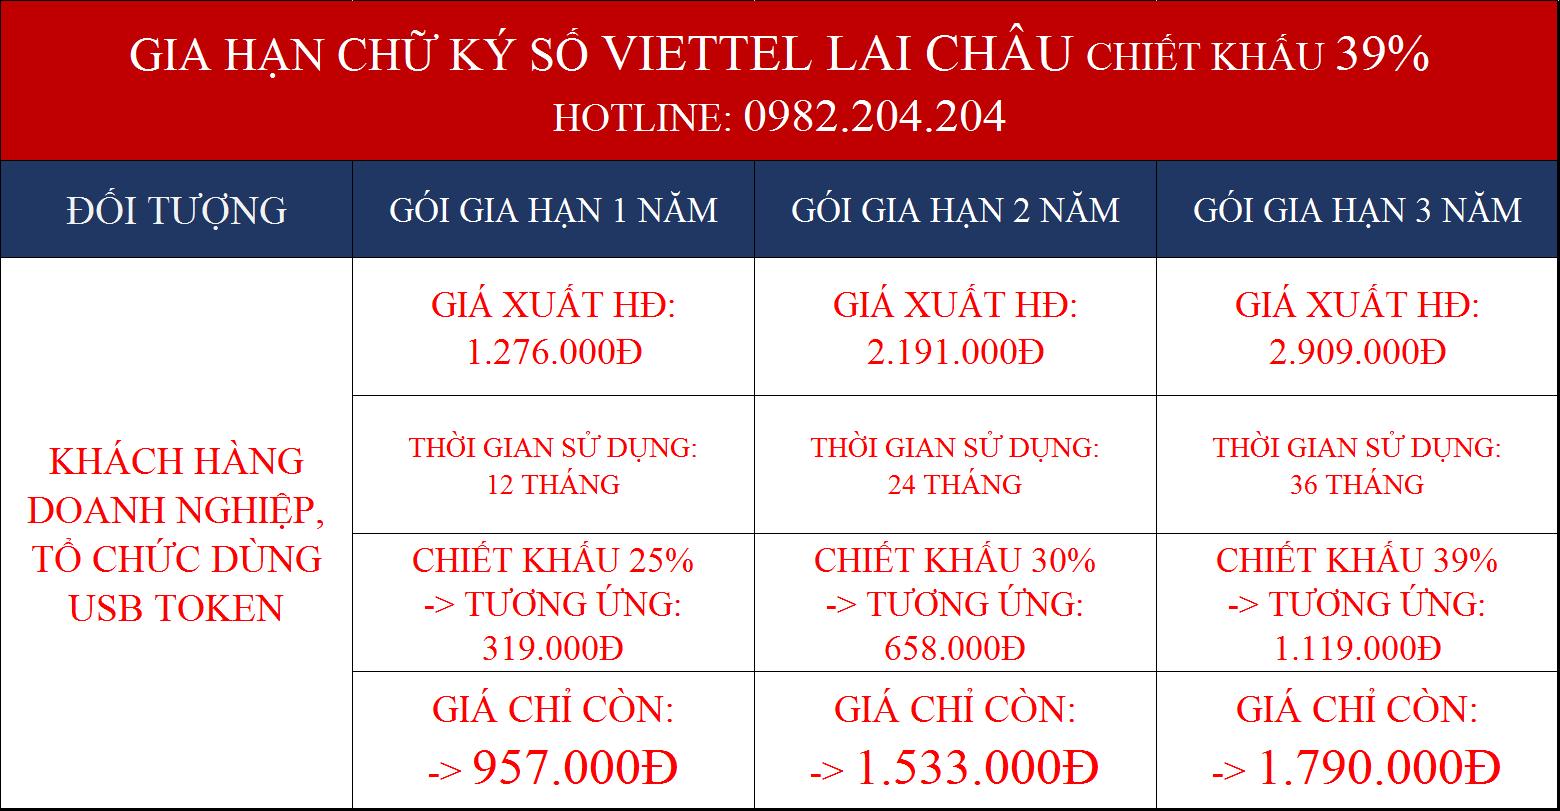 Gia hạn chữ ký số Viettel Lai Châu